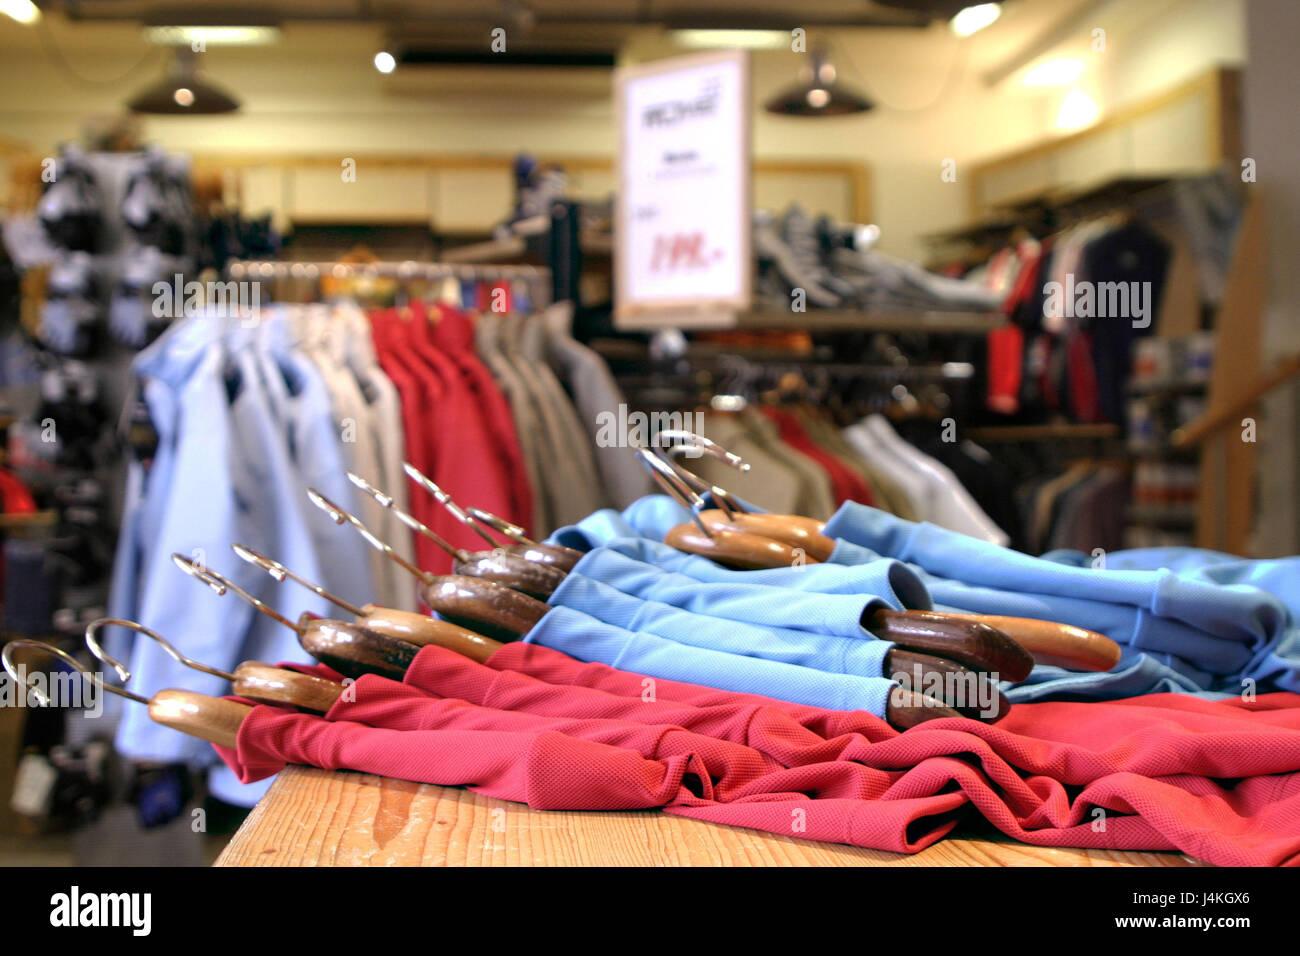 Vendita Appendini.Abbigliamento Business T Shirt Appendini Business Abbigliamento